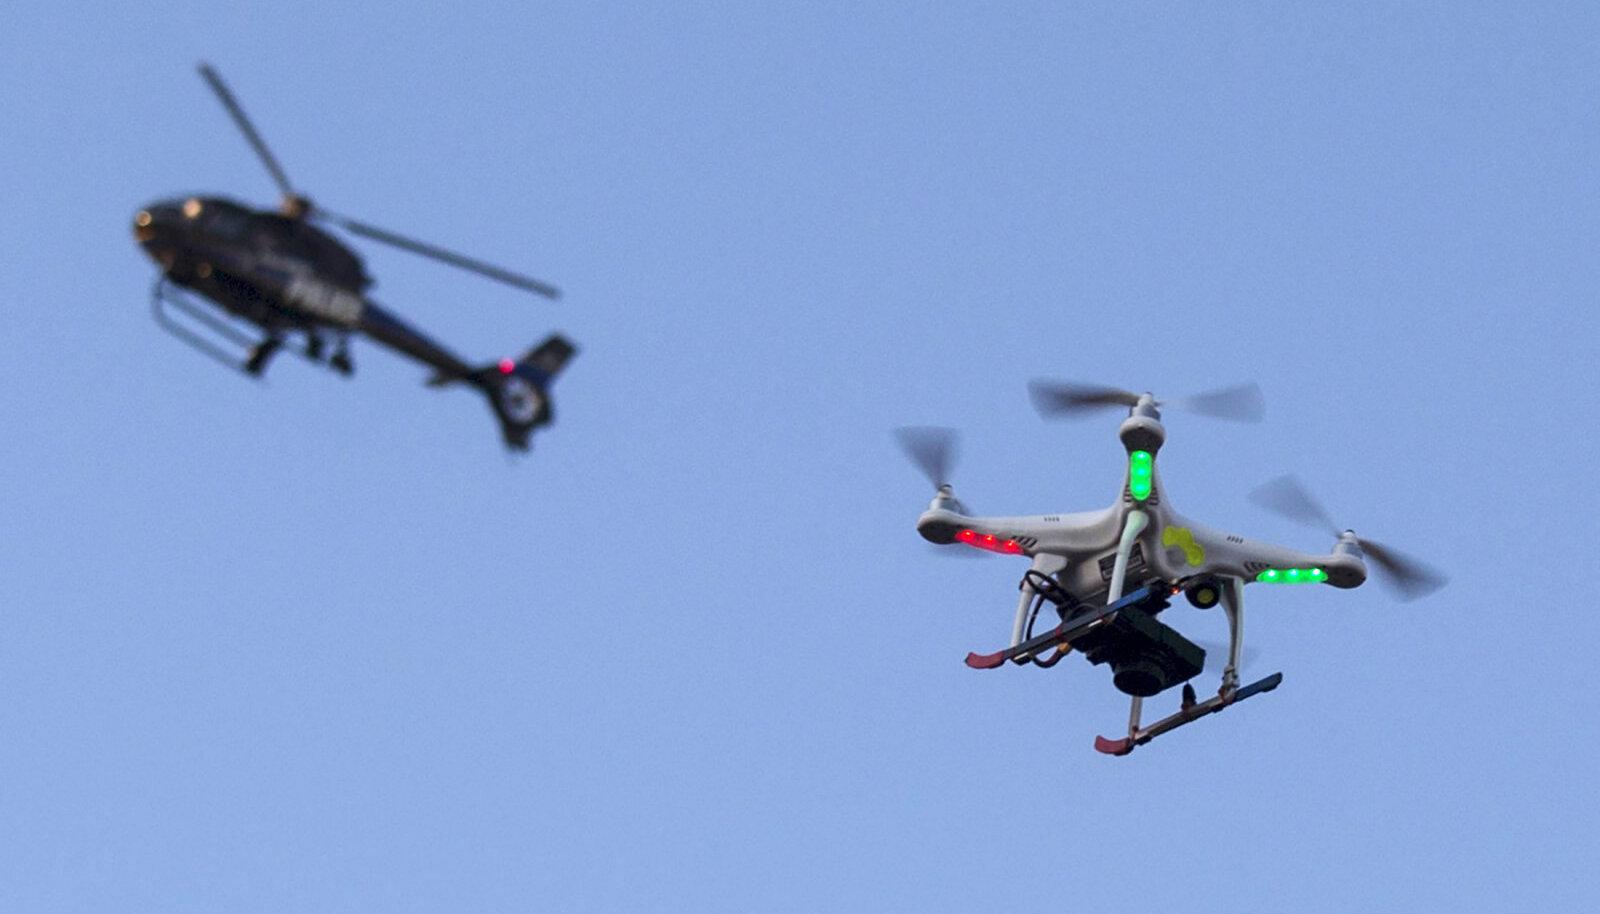 Umbes sellise drooniga toimetatakse mälupulki üle piiri.